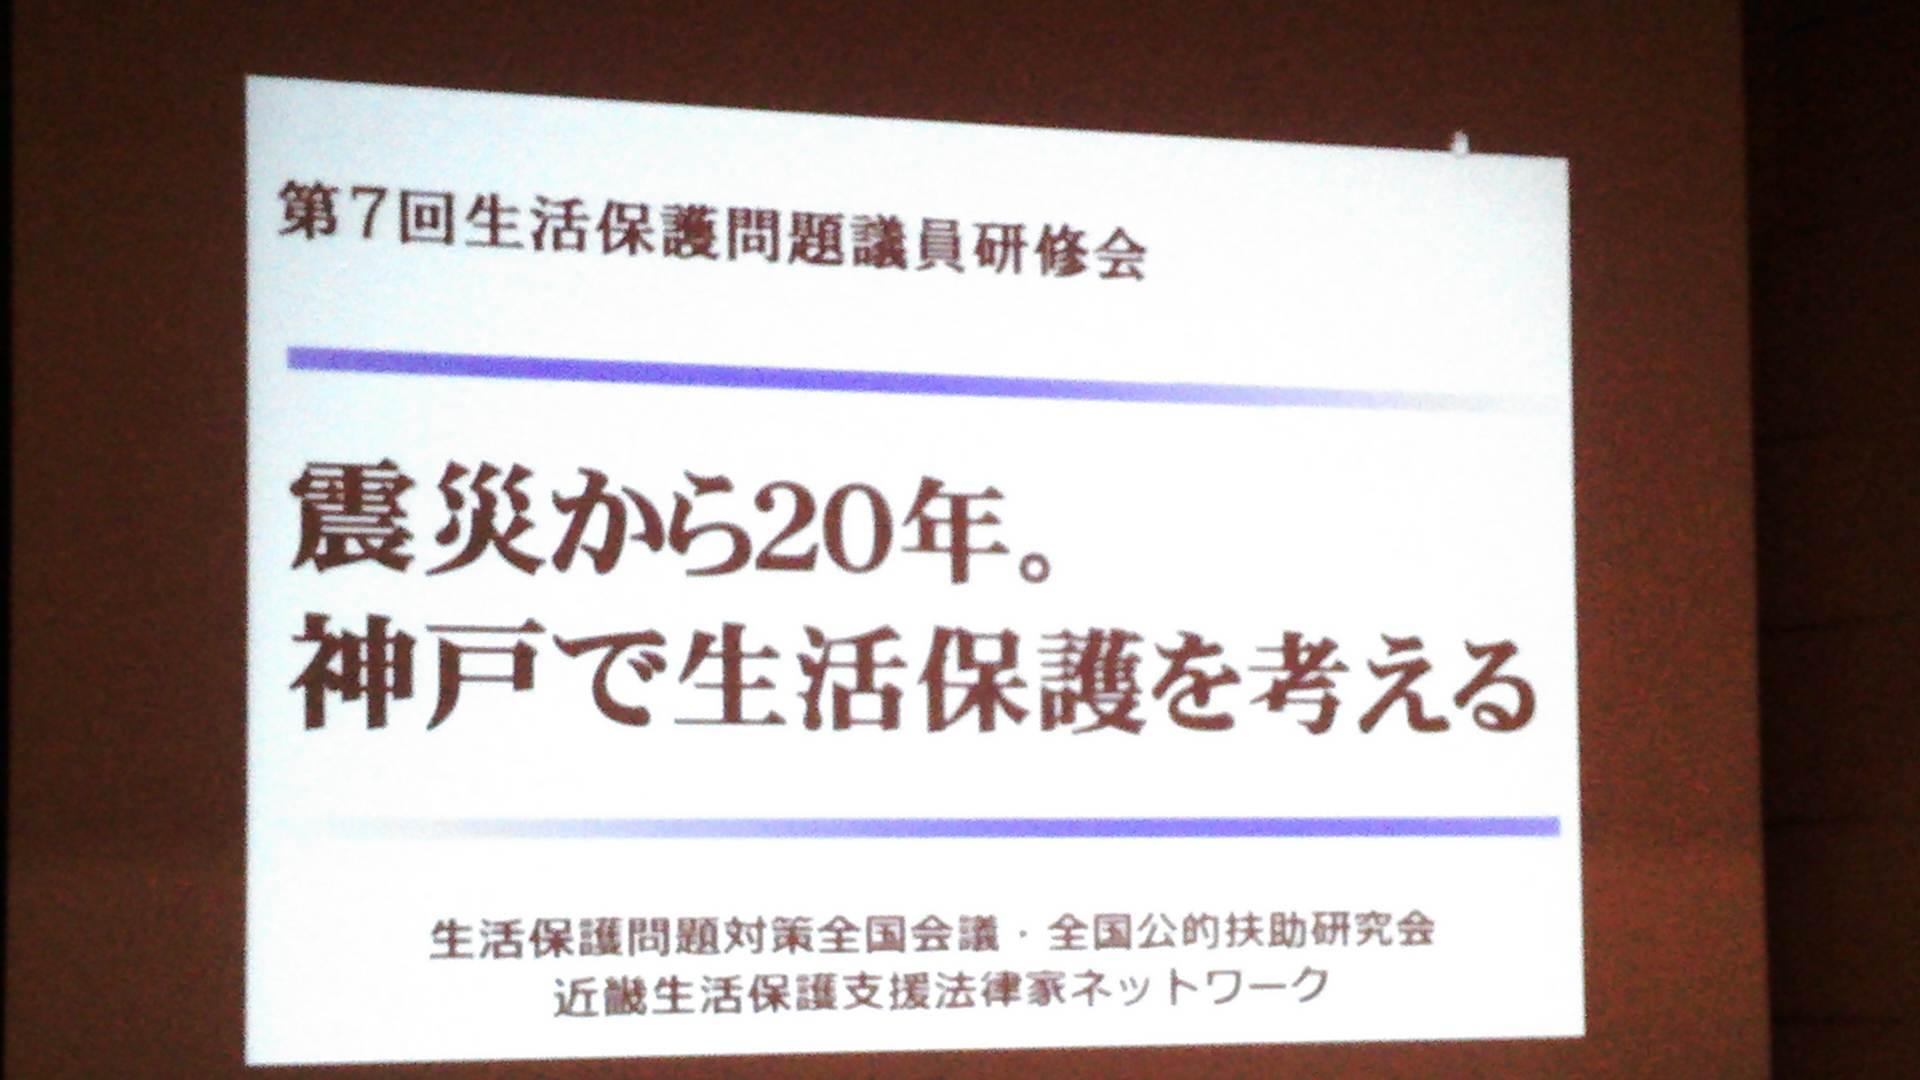 震災から20年、神戸で生活保護を考える!